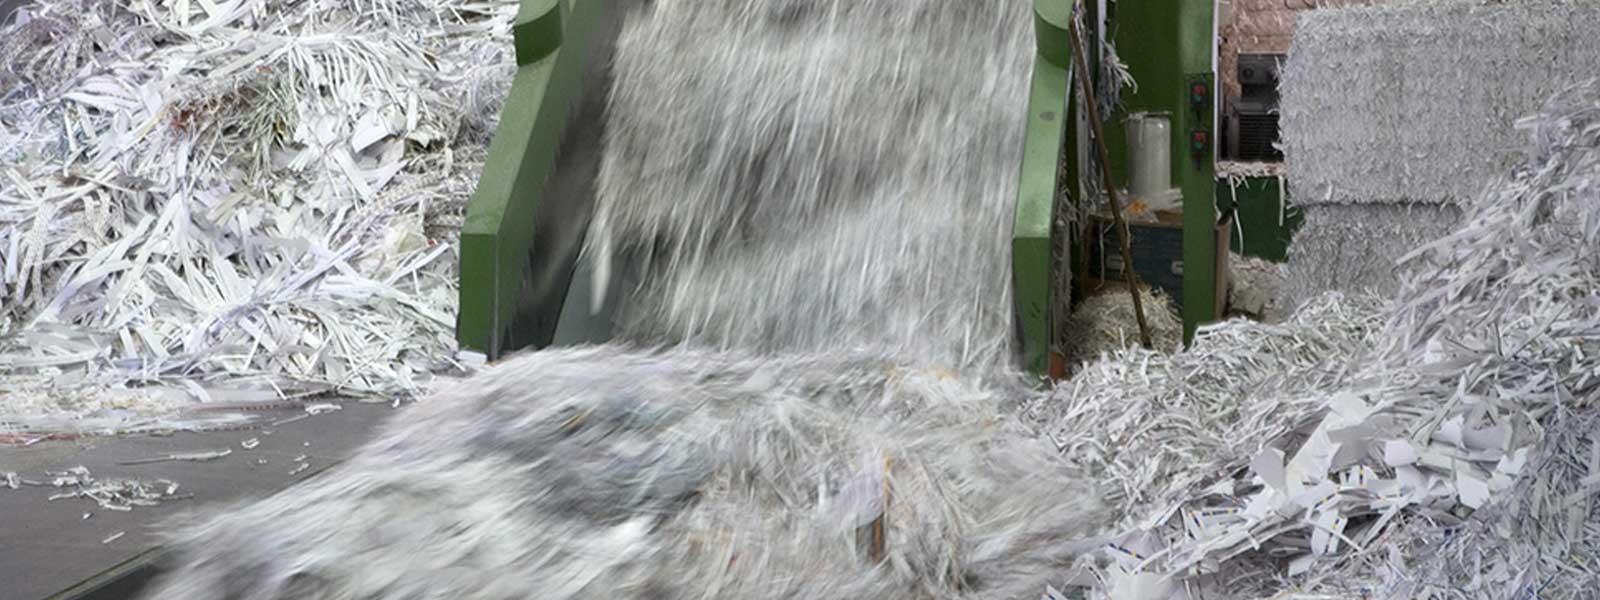 RUA_PAPEL_gestion integral de residuos papel y cartón objetivo residuo cero